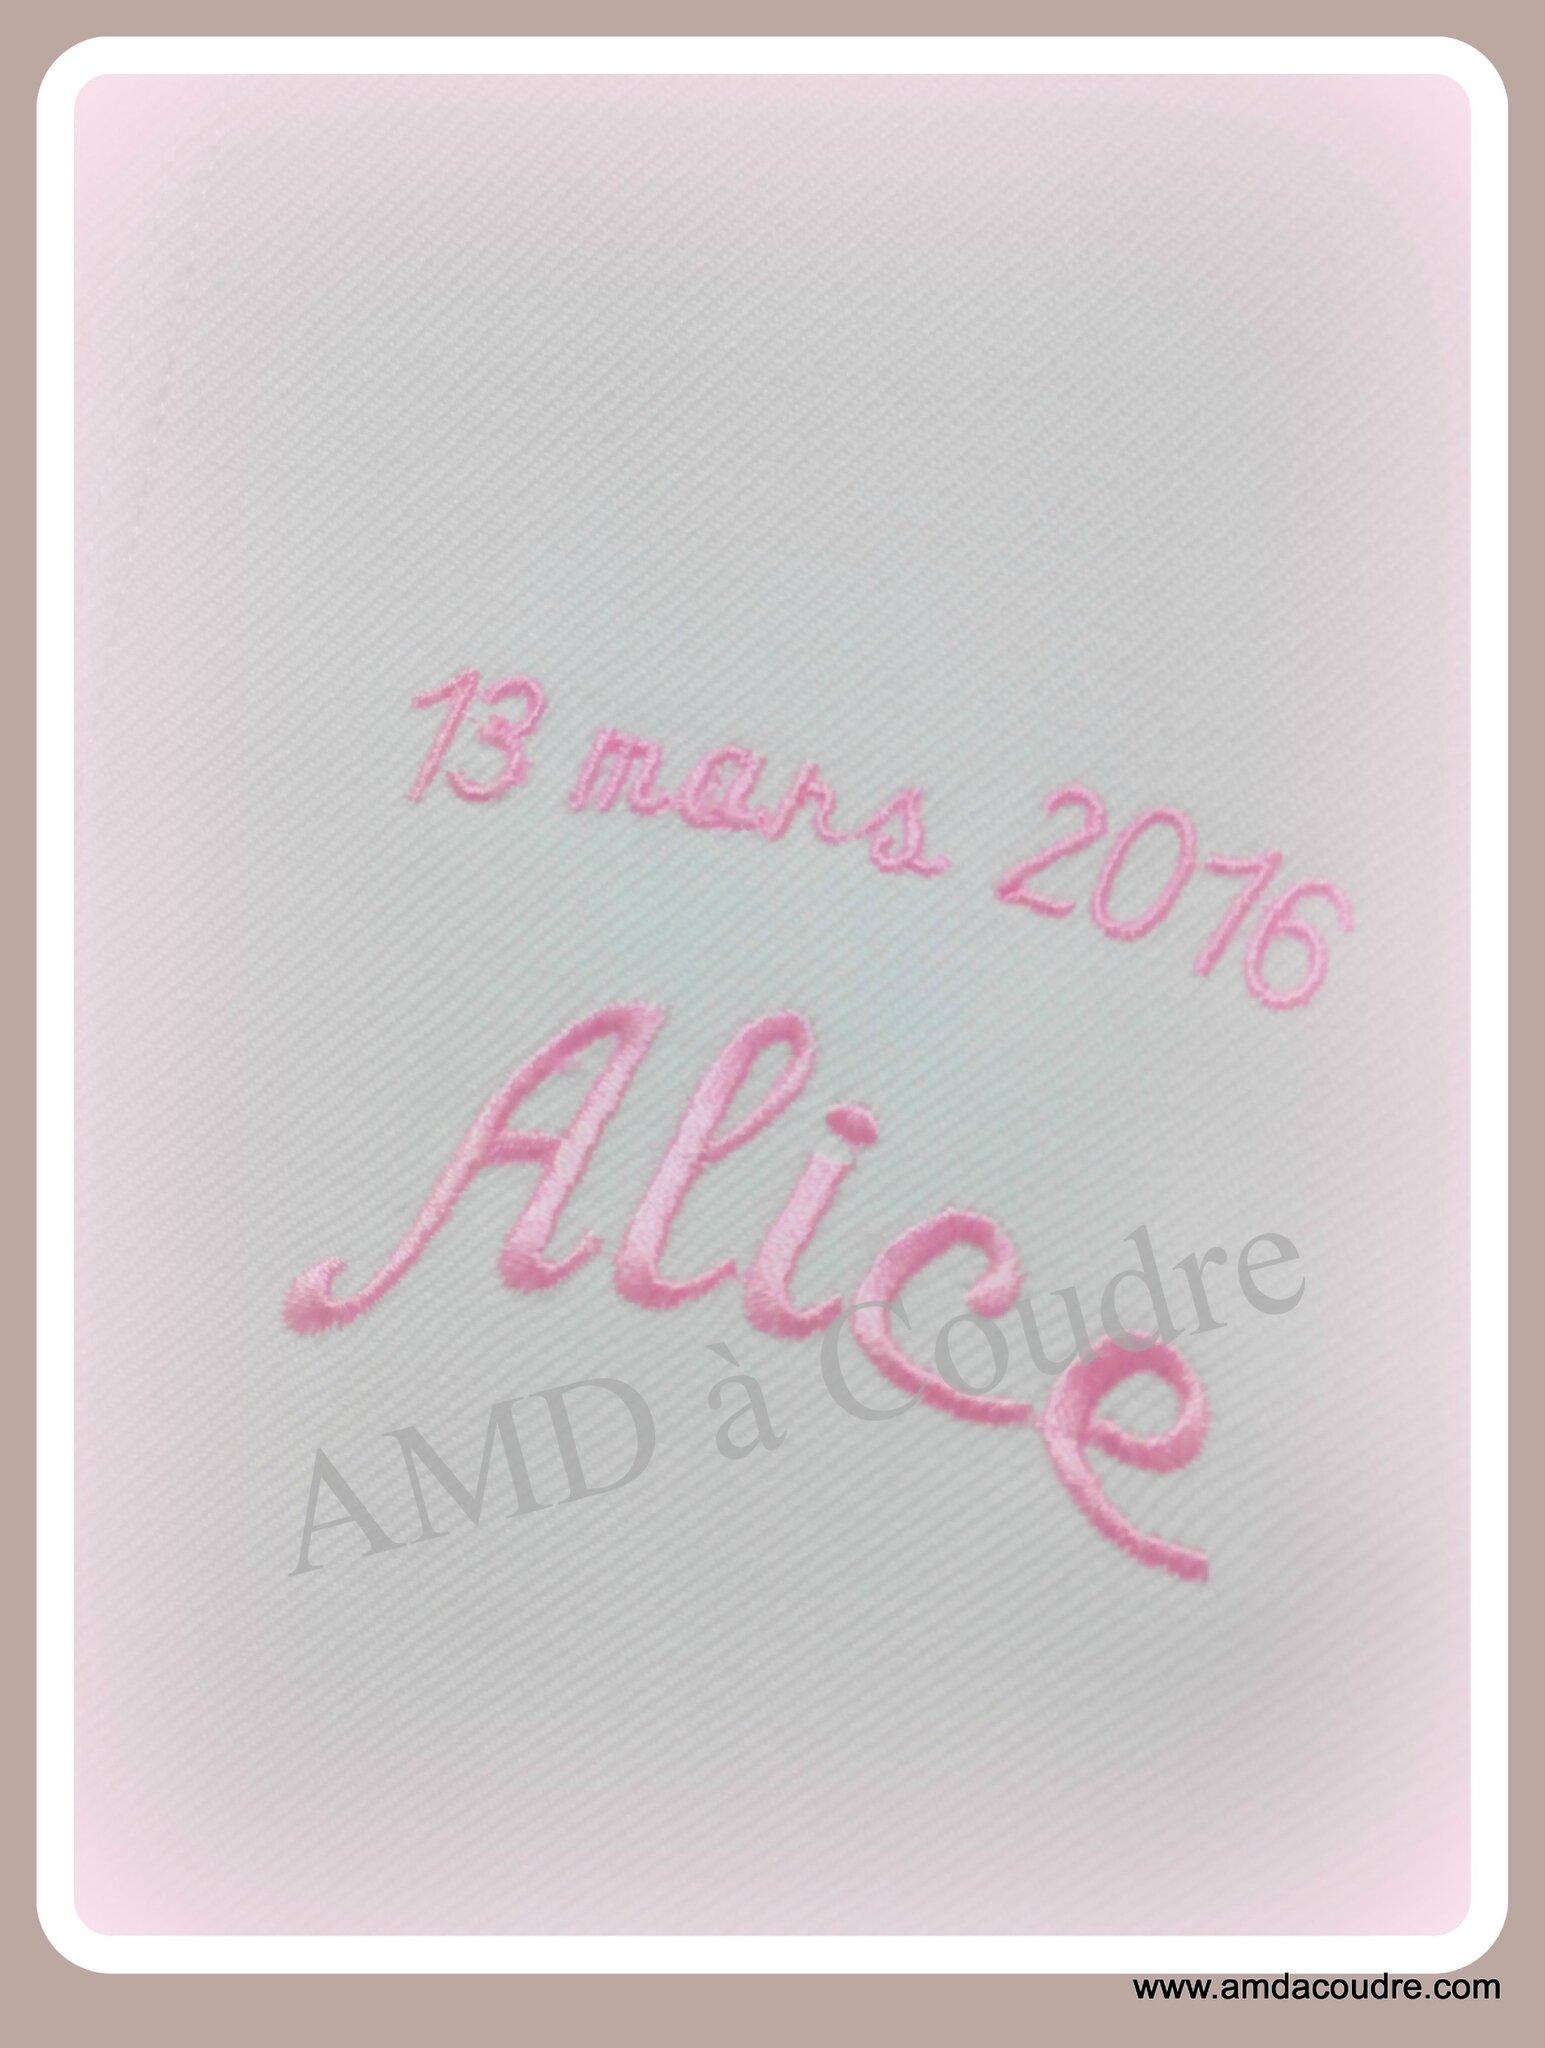 Alice porte une étole de baptême personnalisée par AMD à Coudre, tous nos voeux.